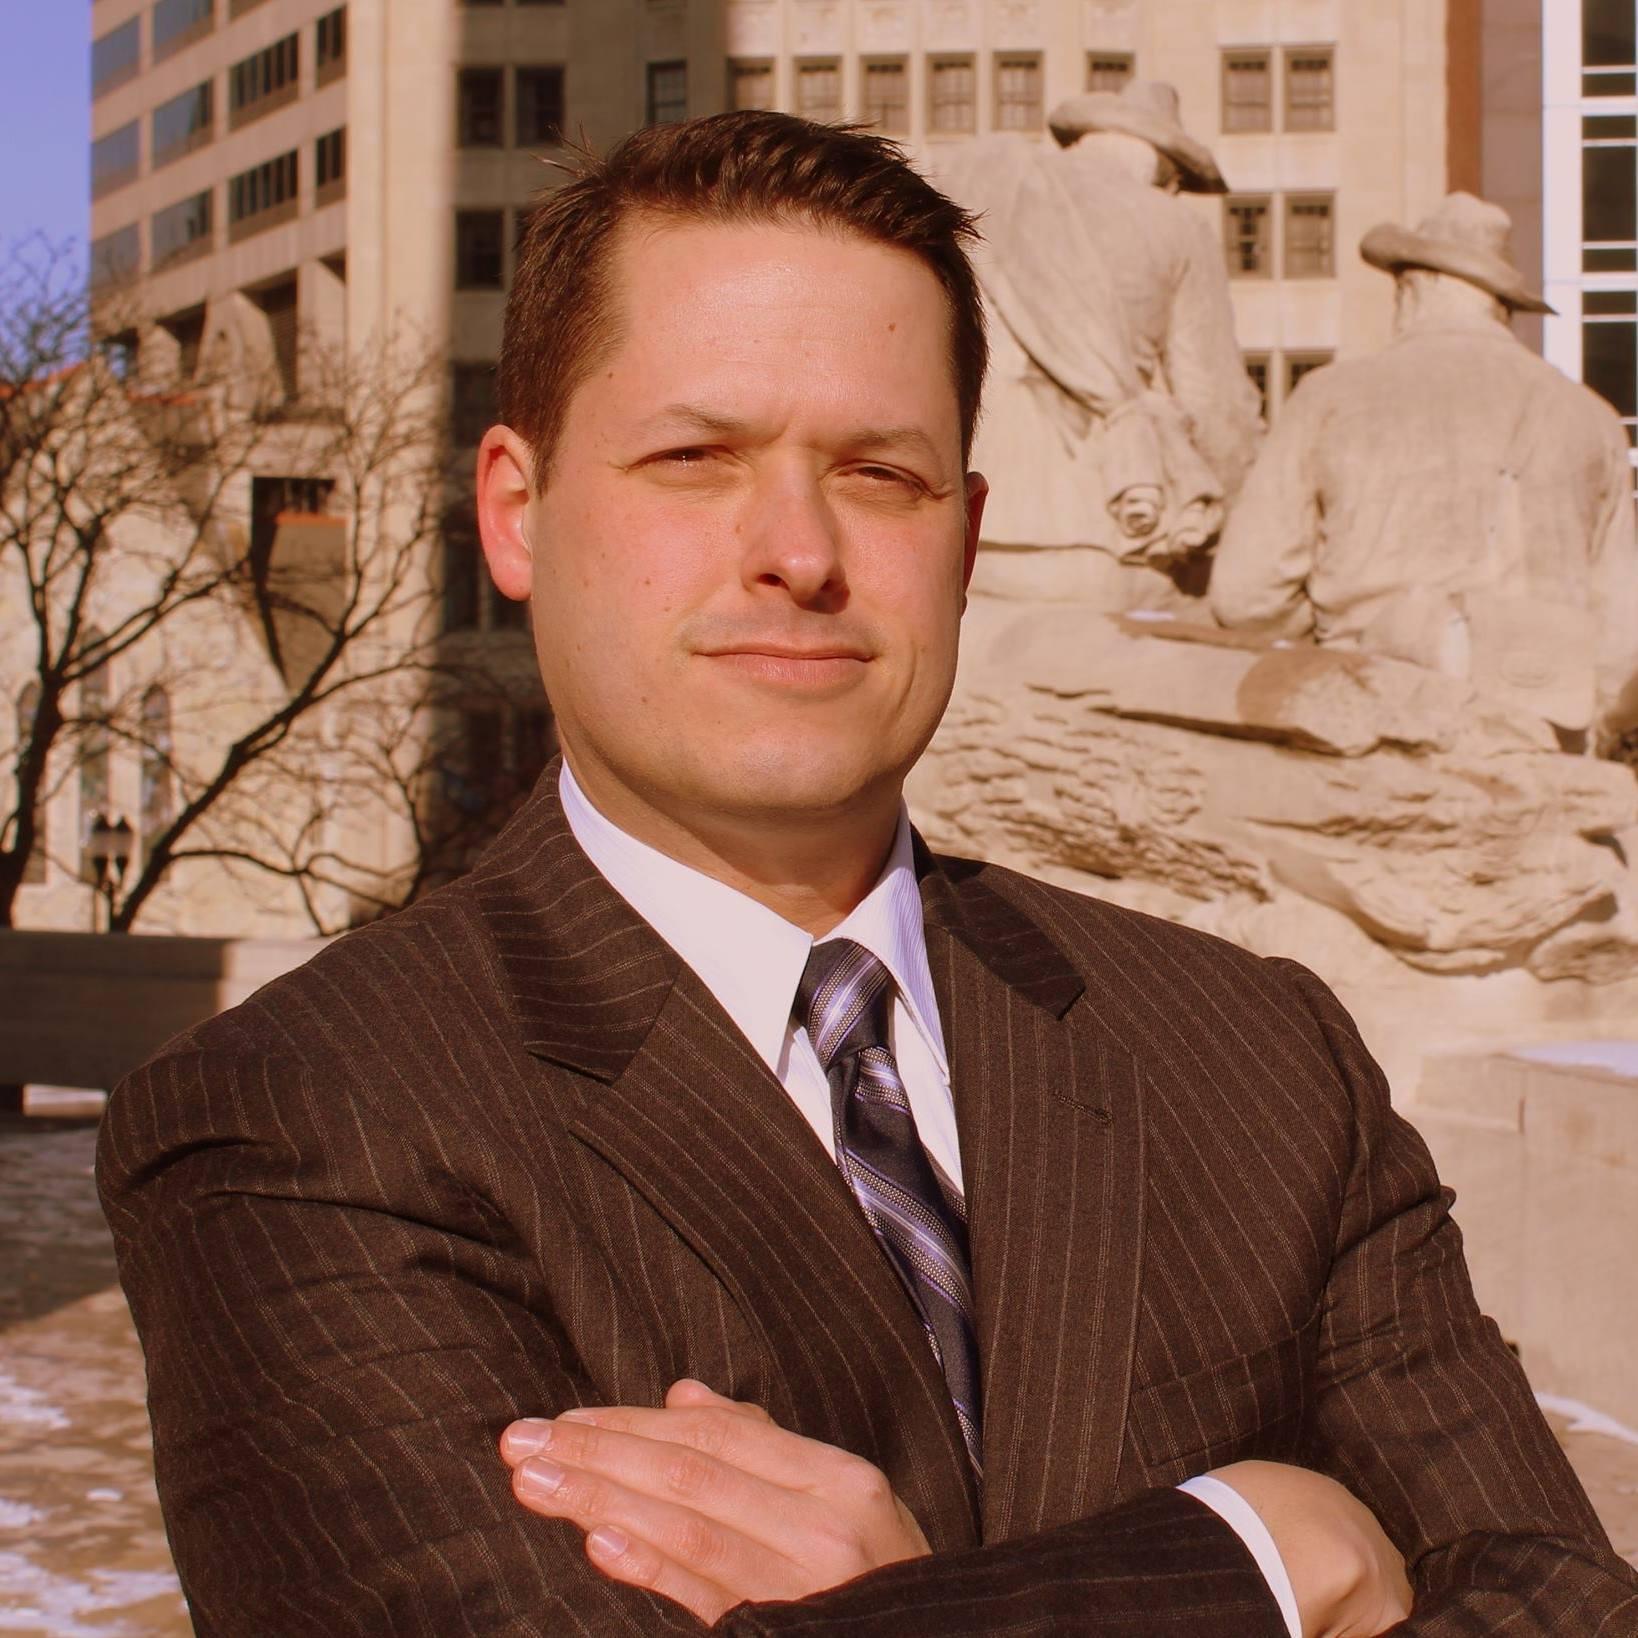 Image of Jesse K. Sanchez